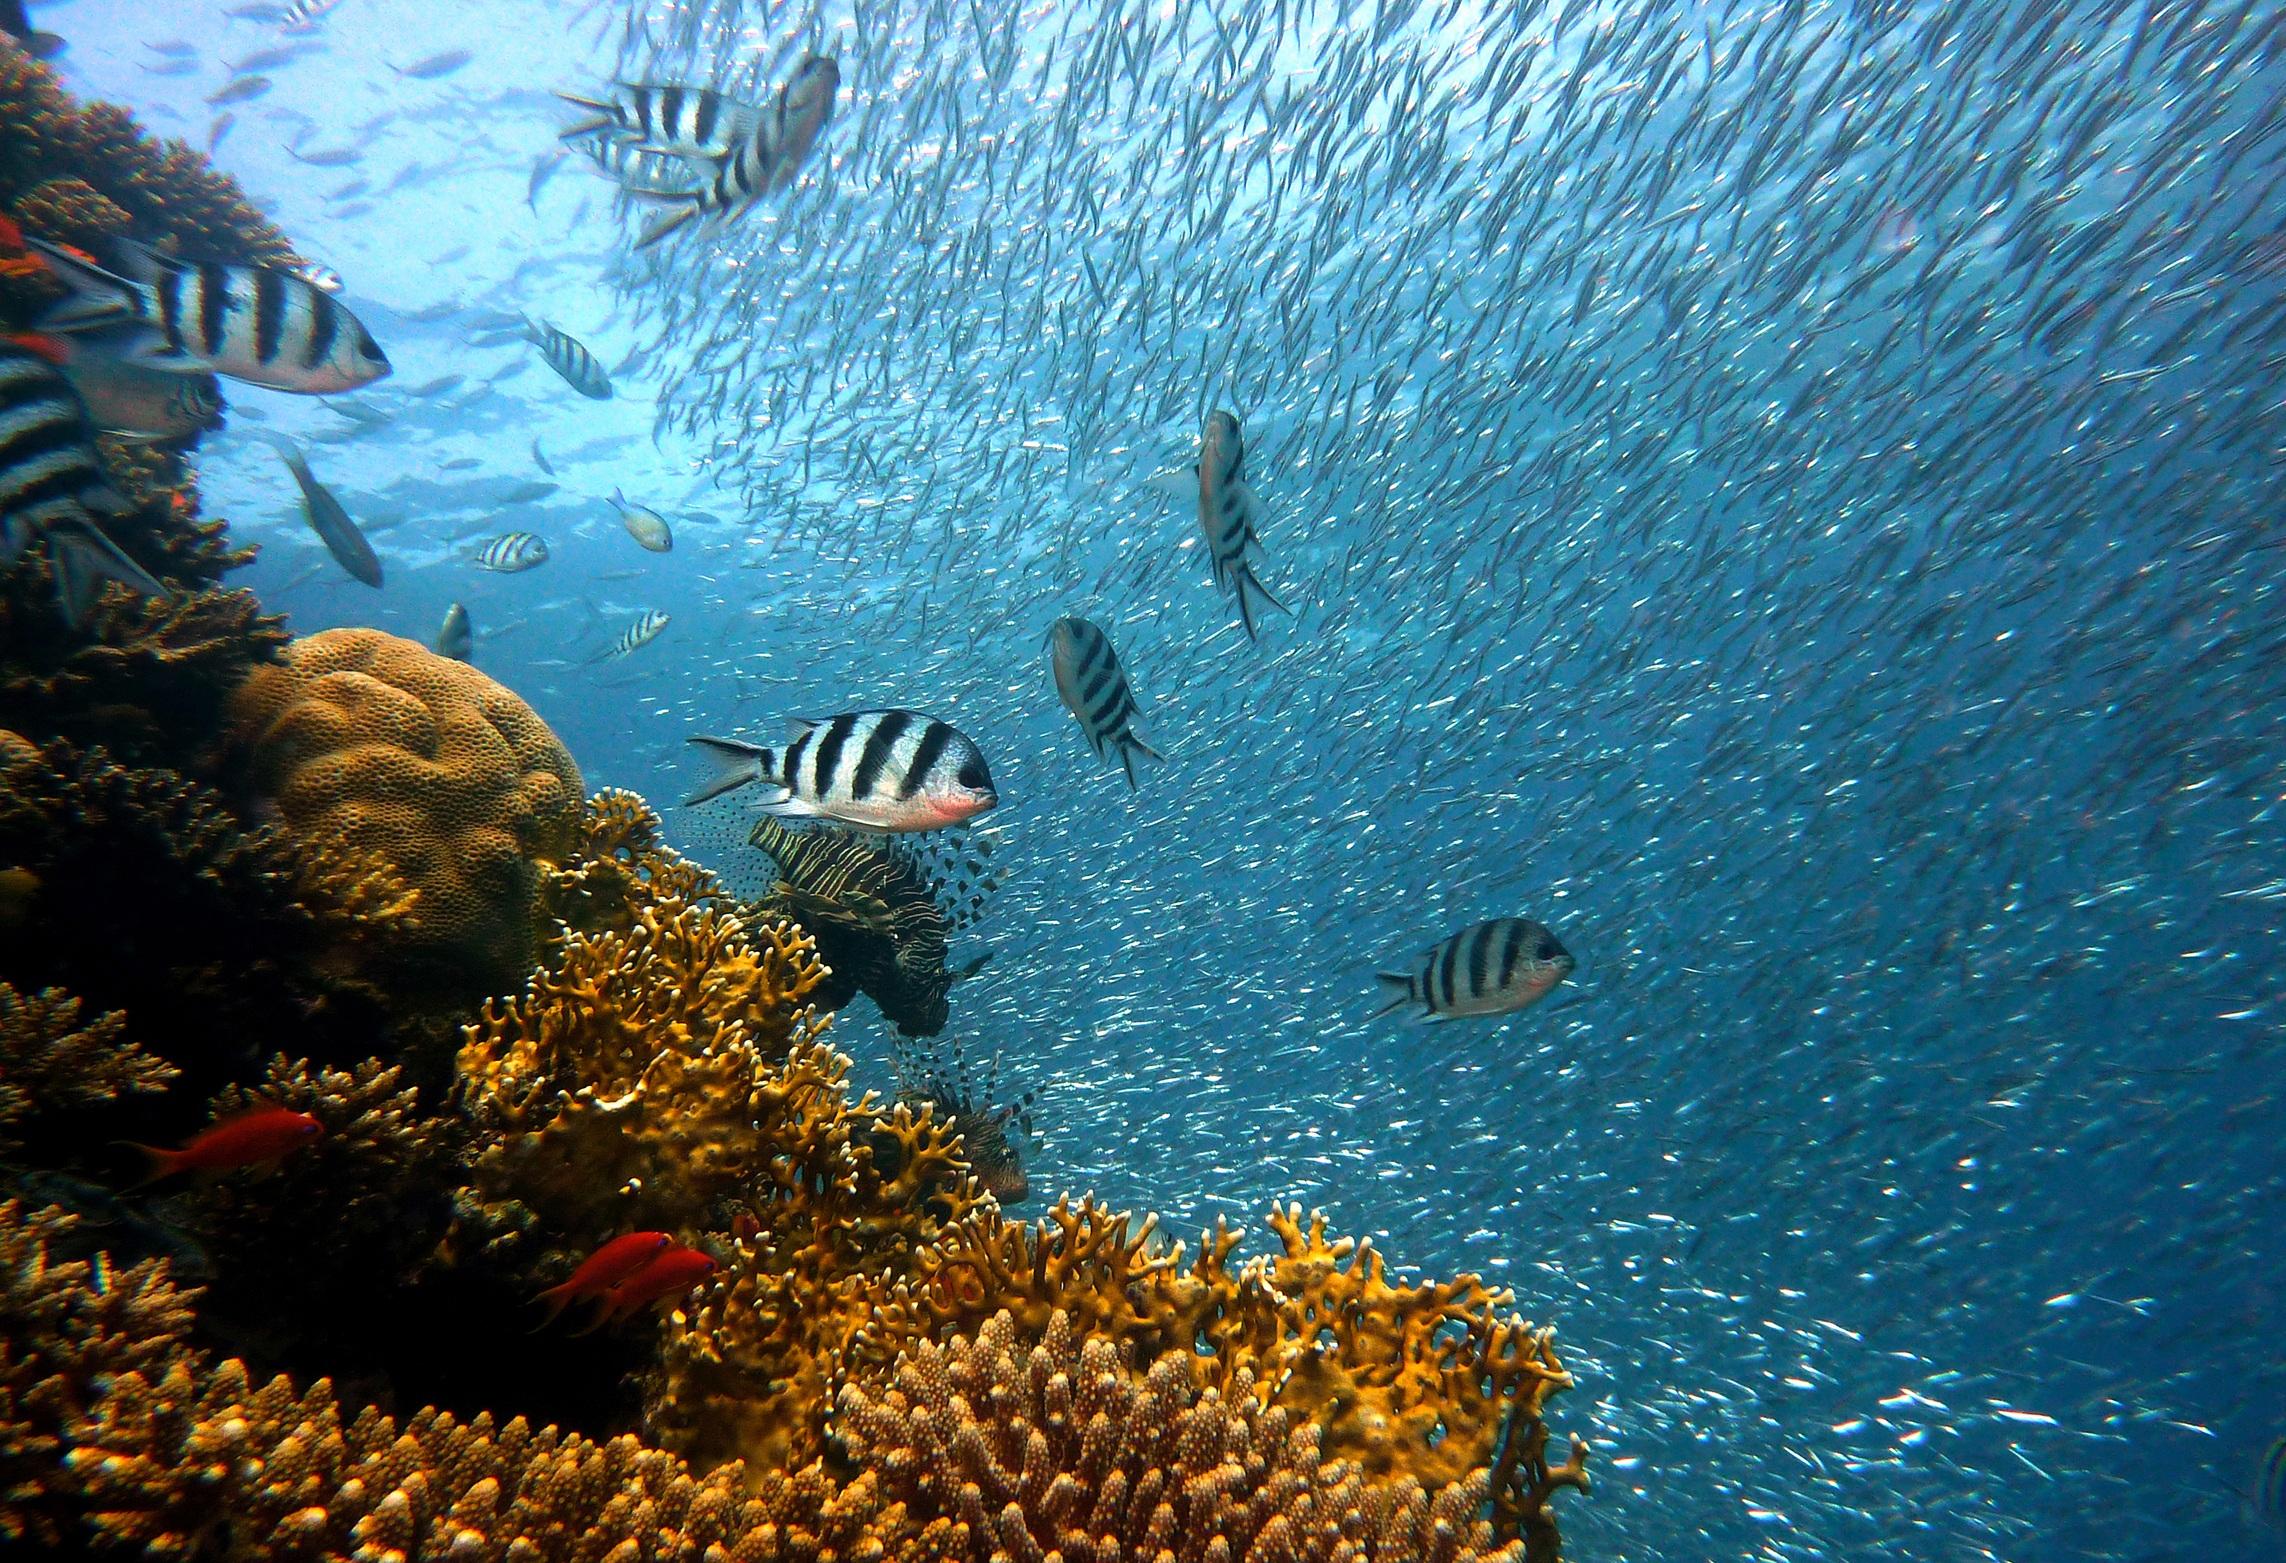 鱼, 珊瑚, 银行, 群礁, 海 - 高清壁纸 - 教授-falken.com